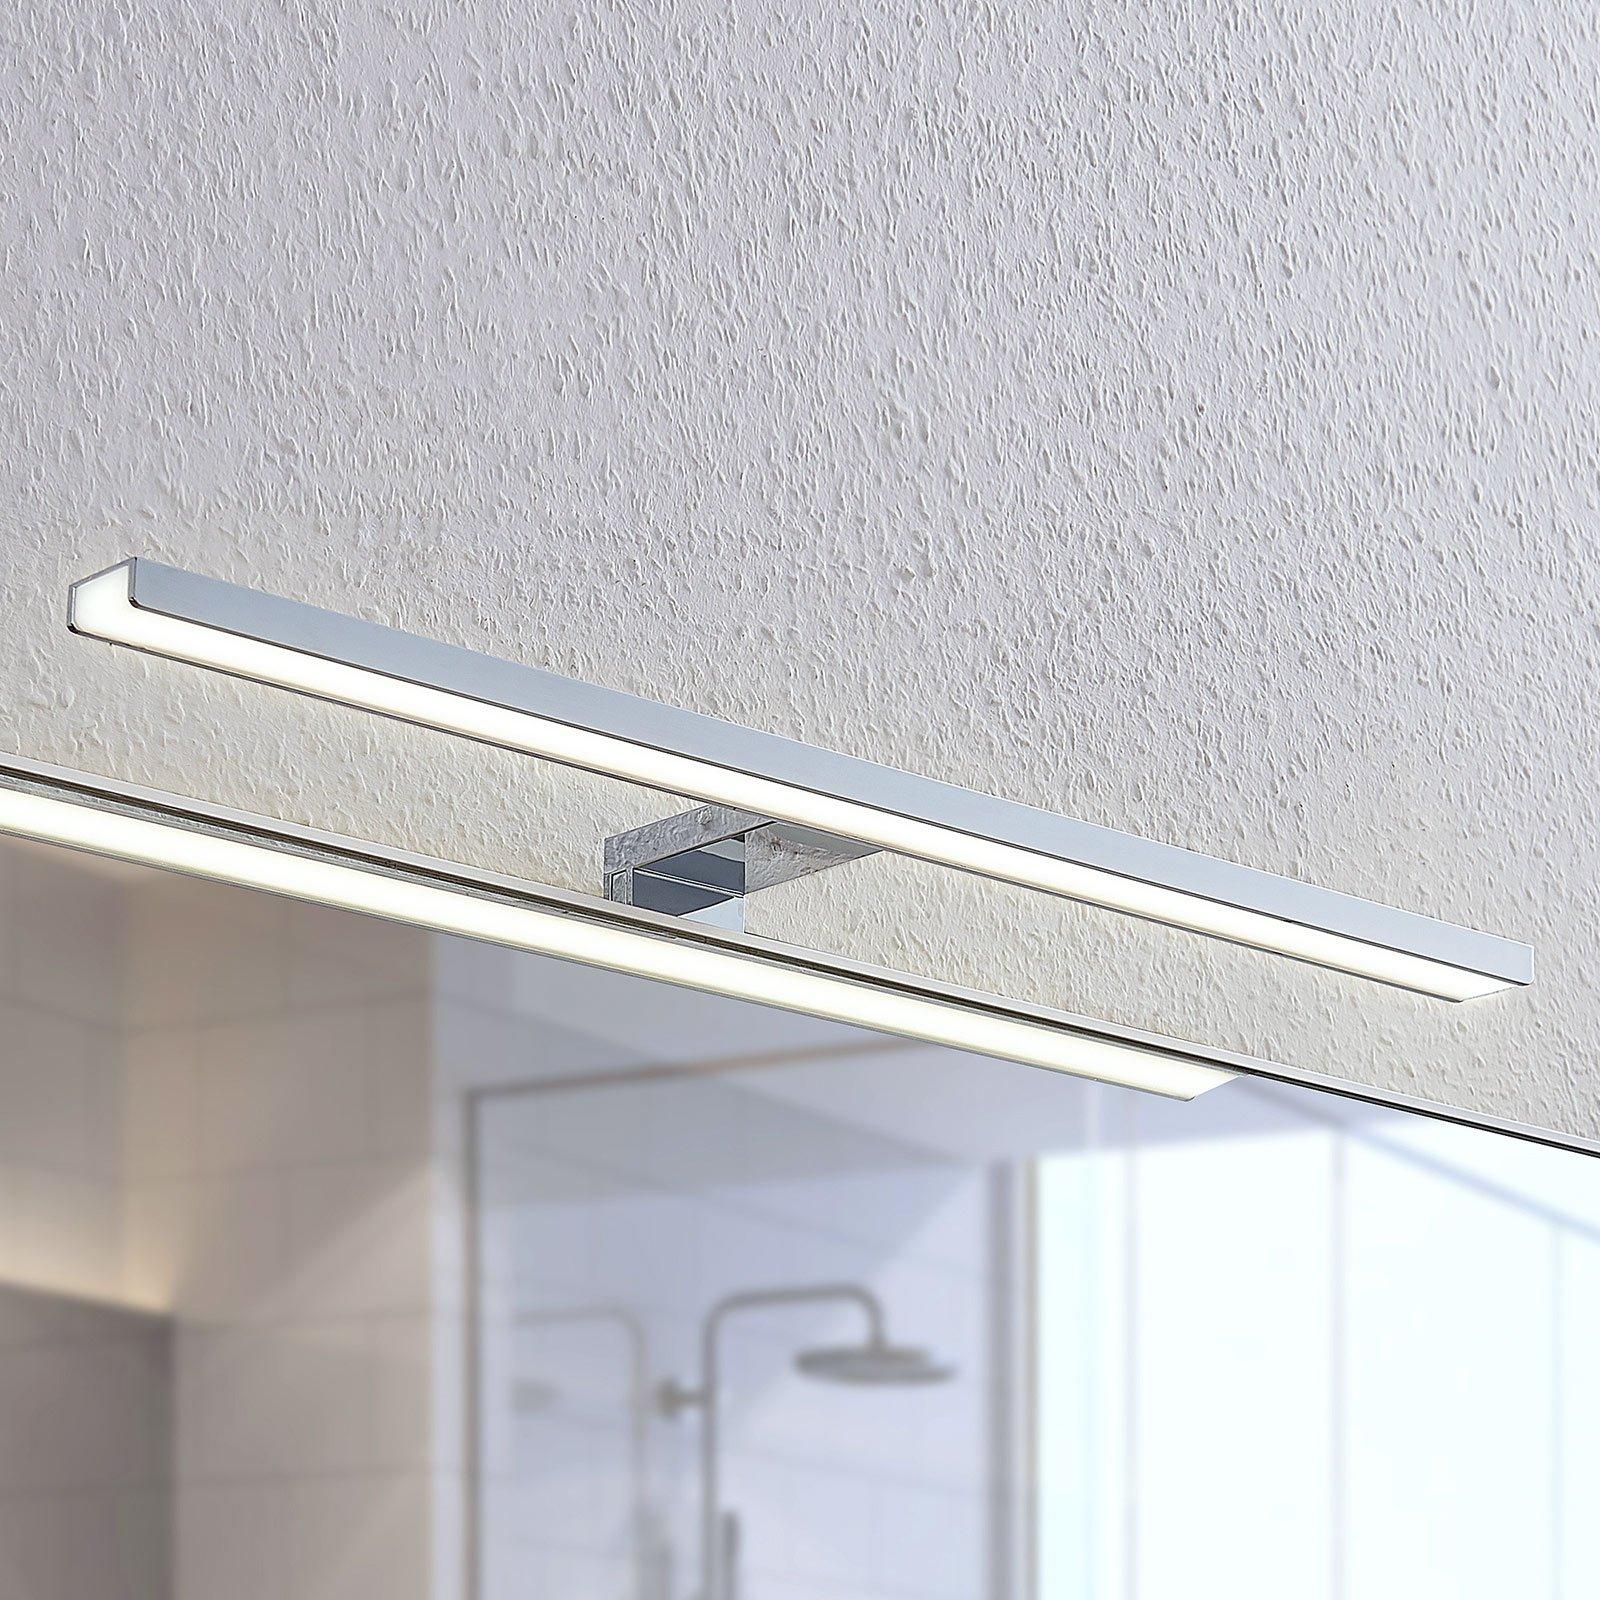 LED-bade- og speillampe Peggy, 50 cm